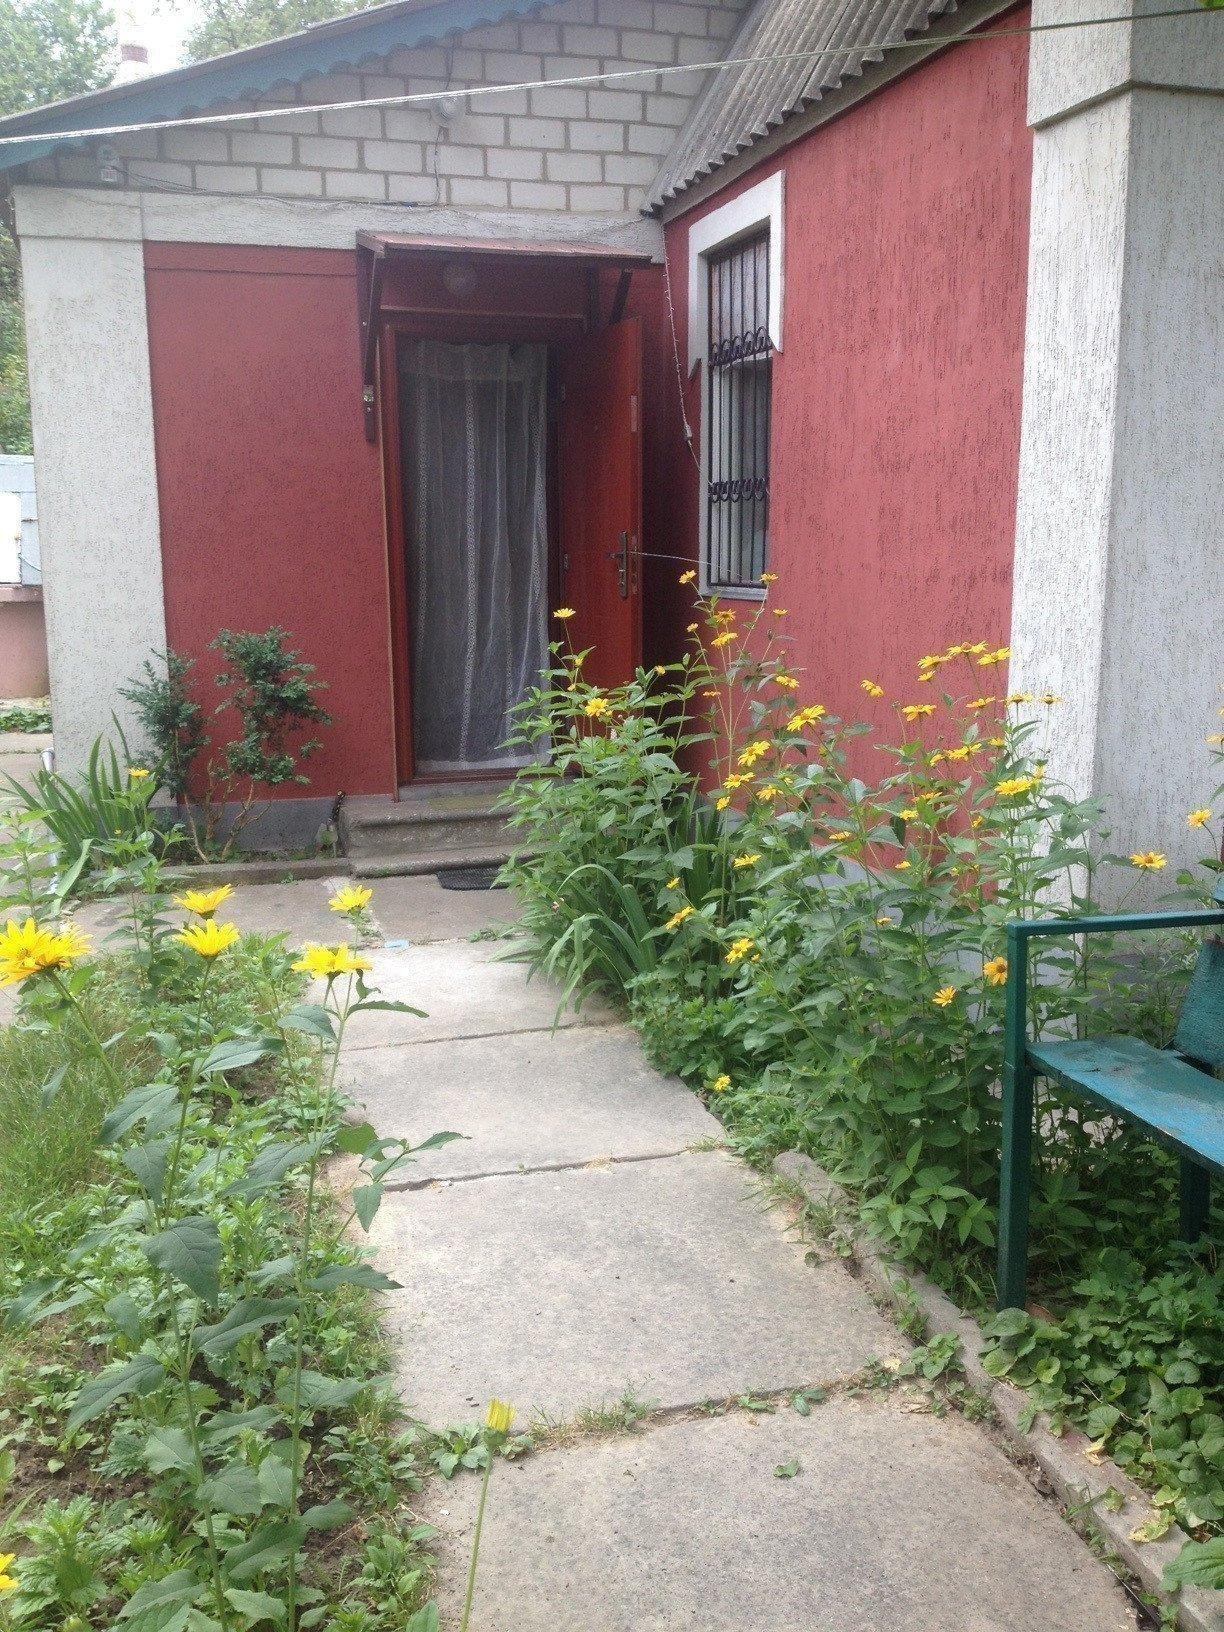 Фото: Продам дачу в городе Ходосовка. Объявление № 5732